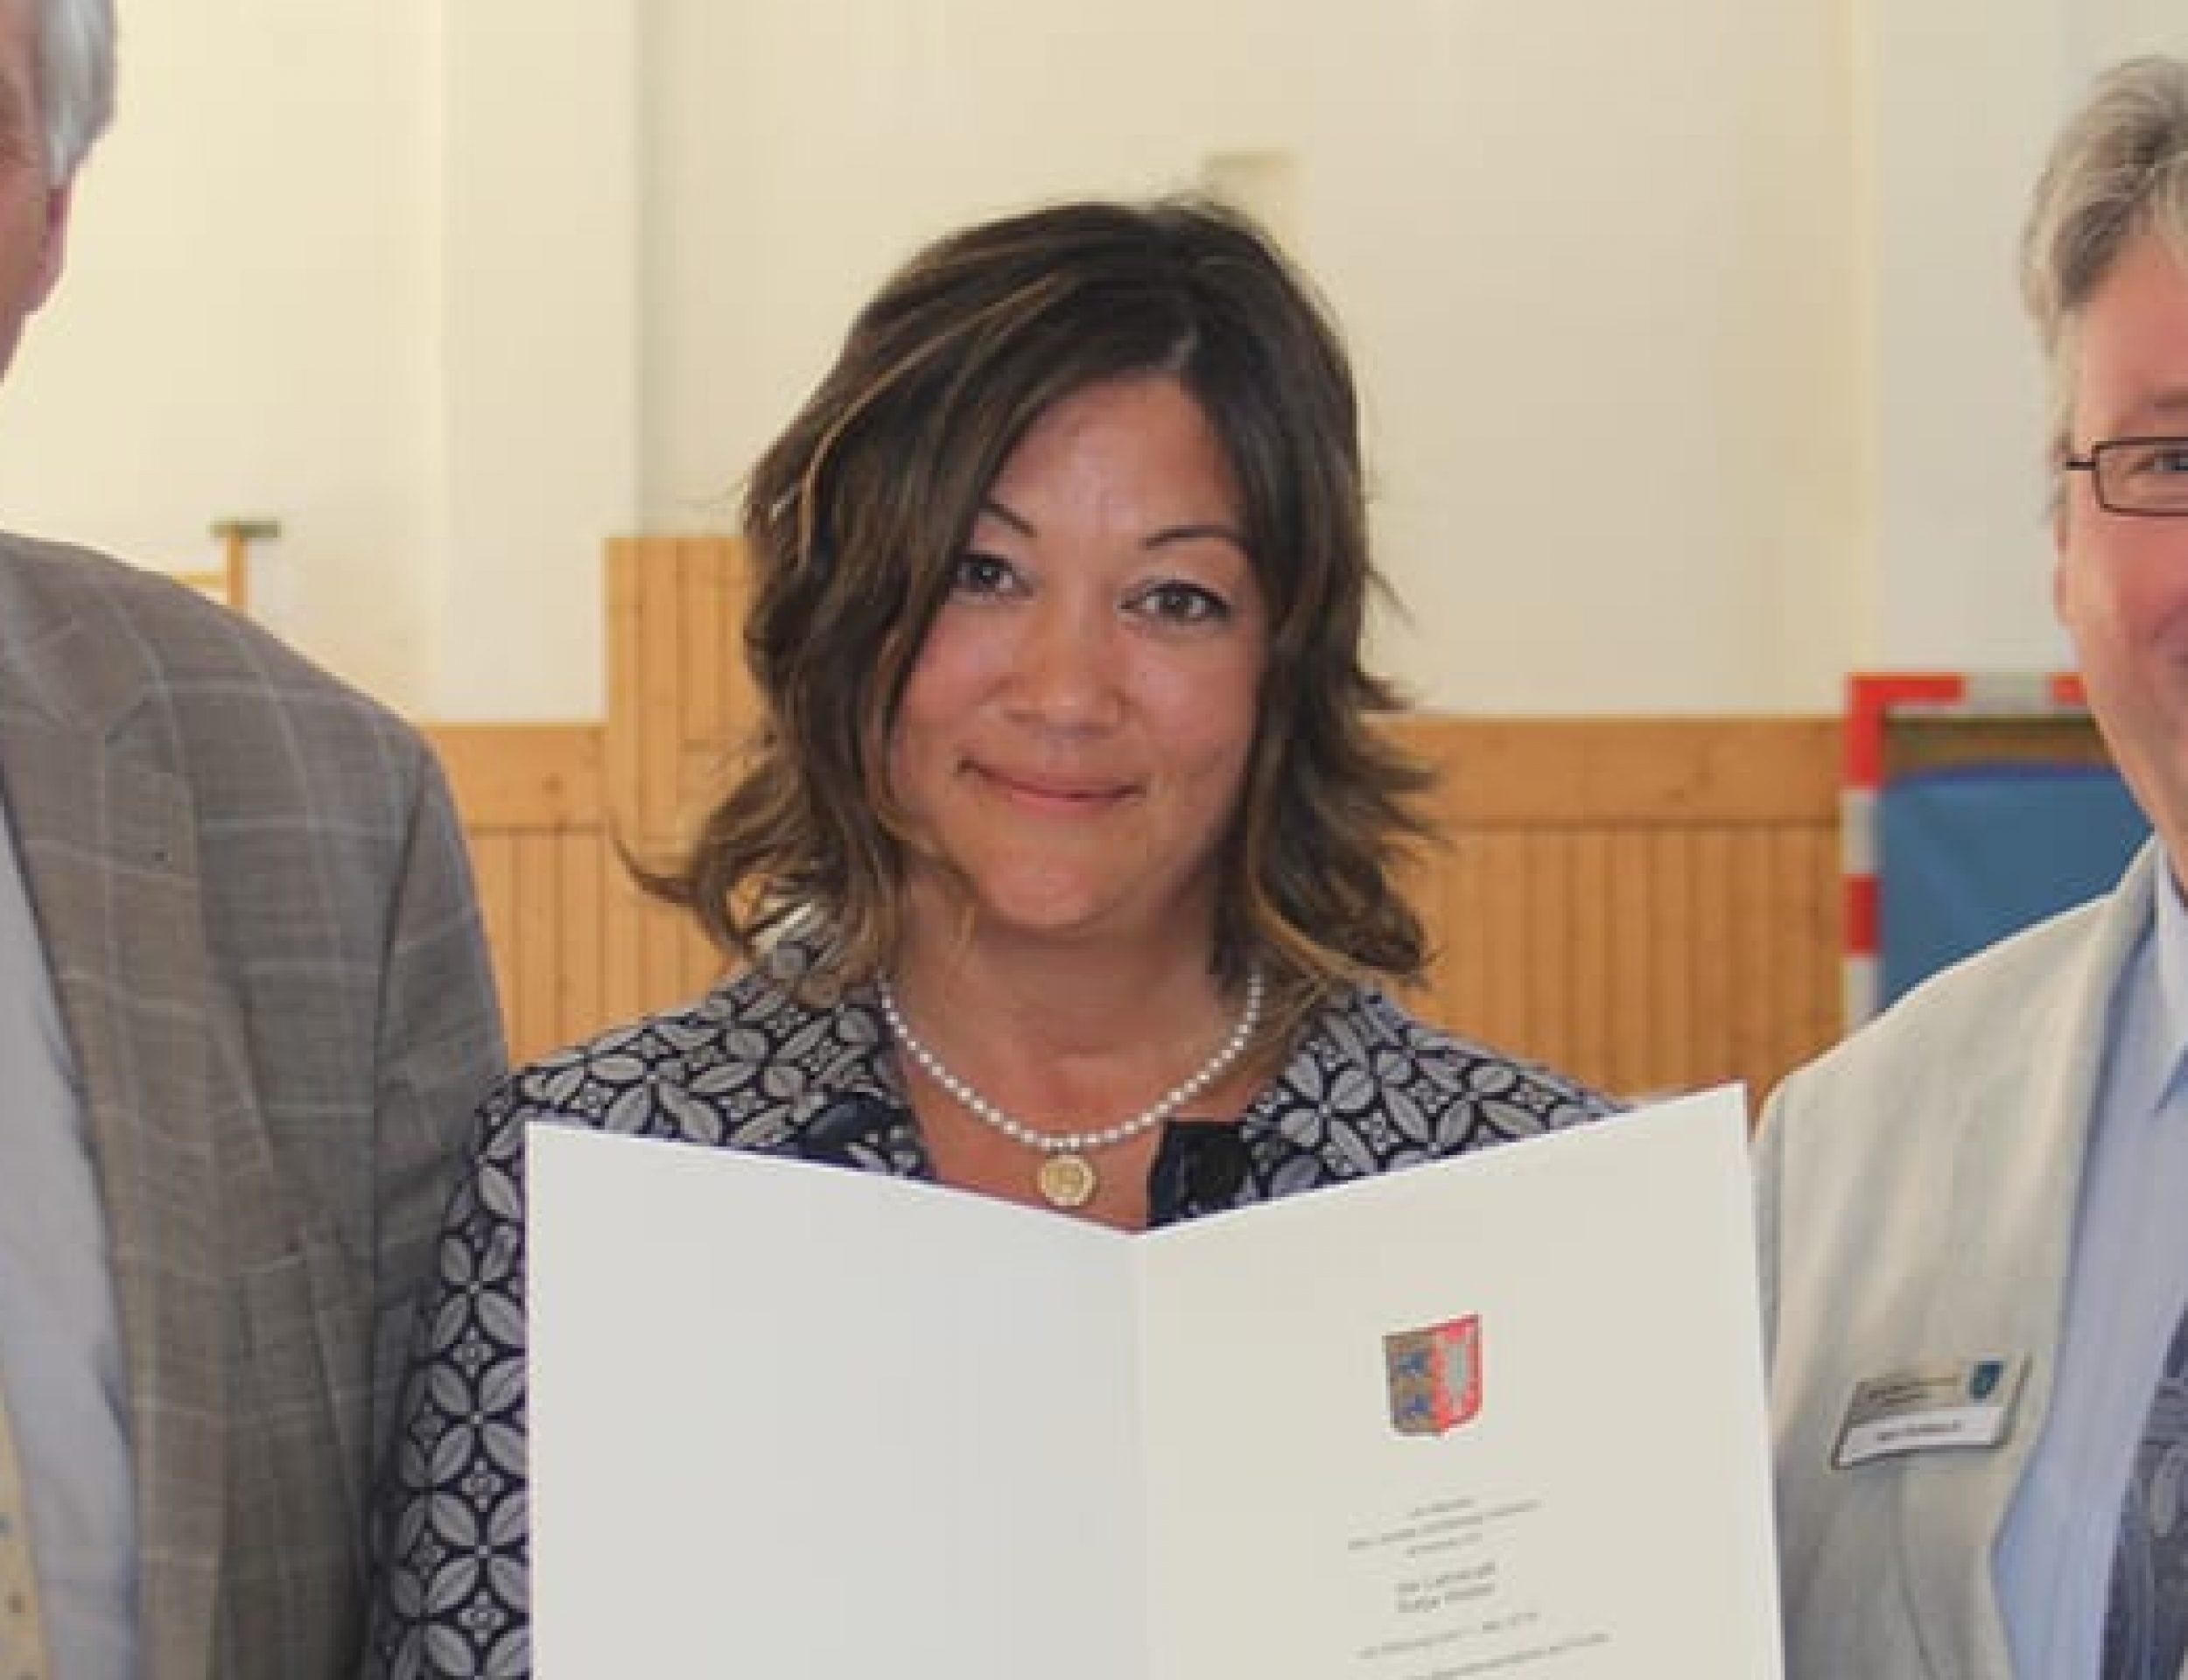 Amtseinführung der neuen Rektorin